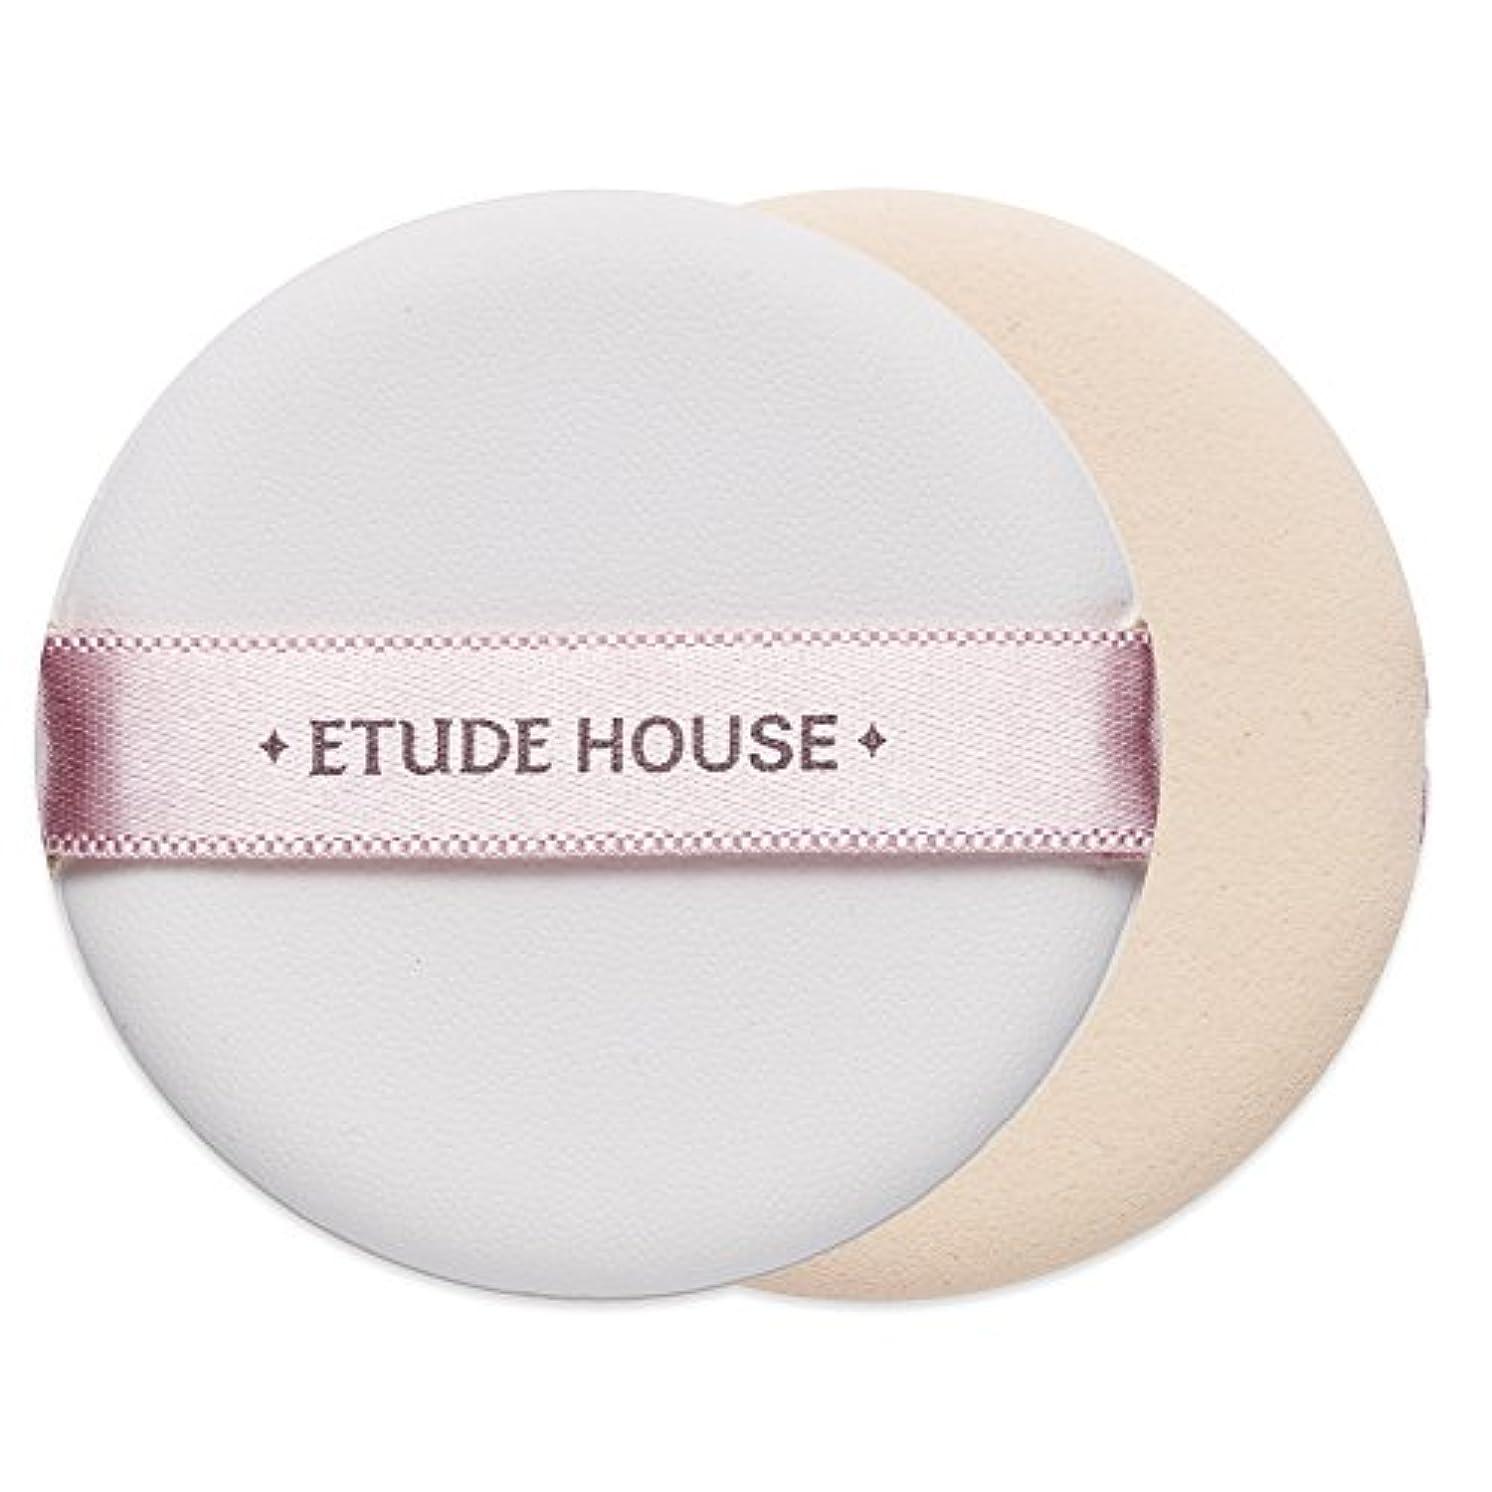 バング黒板終わらせるエチュードハウス(ETUDE HOUSE) マイビューティーツール カバーフィッティングパフ 1枚